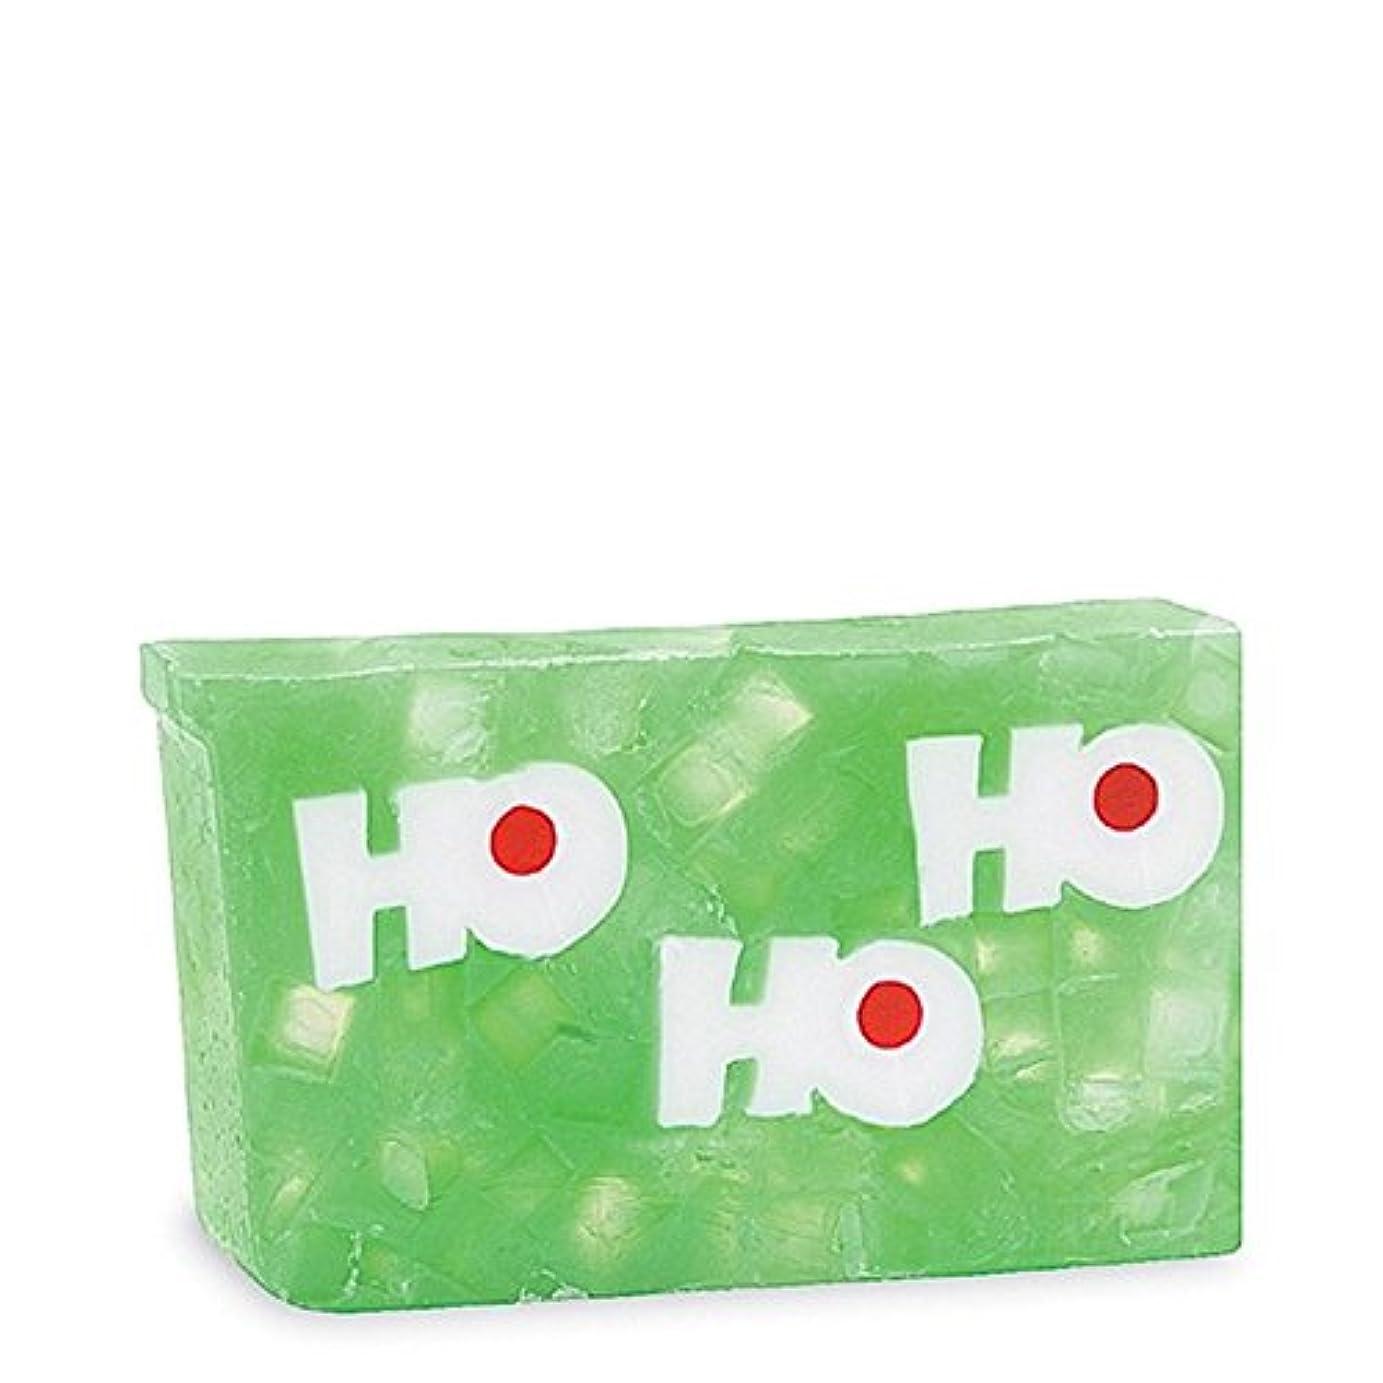 角度認識オール原初の要素ホーホーホ石鹸 x4 - Primal Elements Ho Ho Ho Soap (Pack of 4) [並行輸入品]